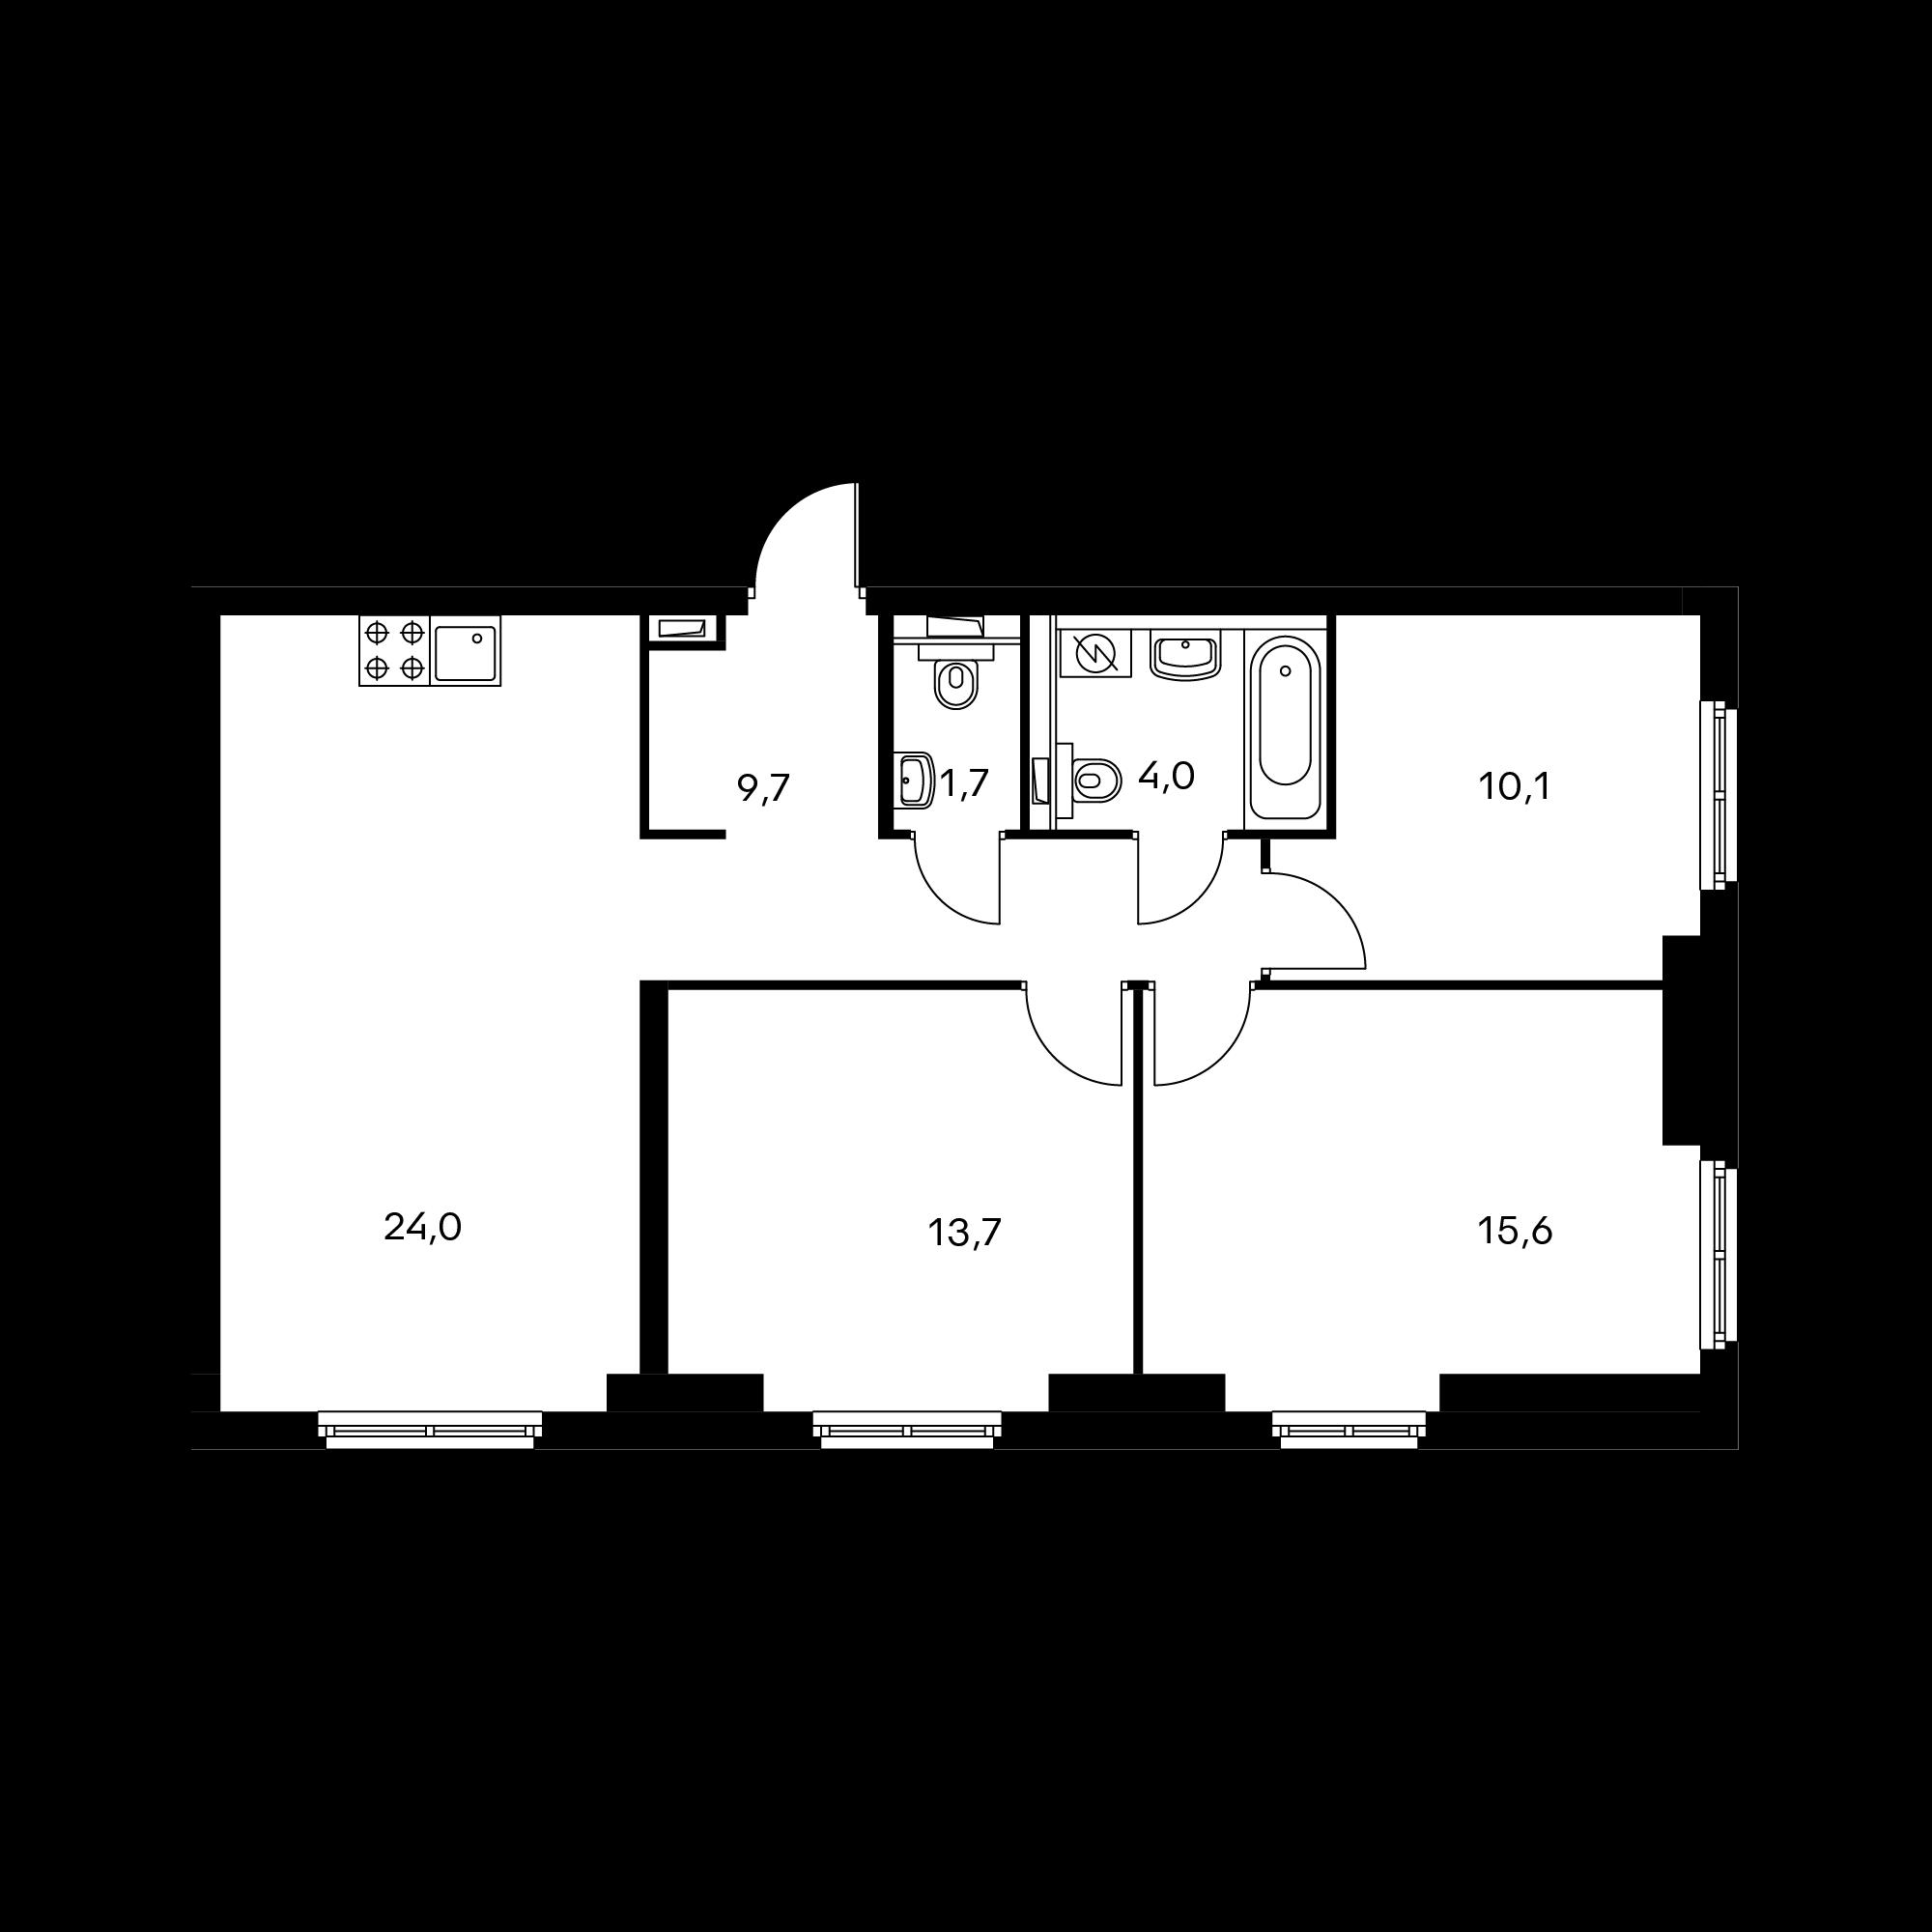 3EM5__6.9-SZ_T